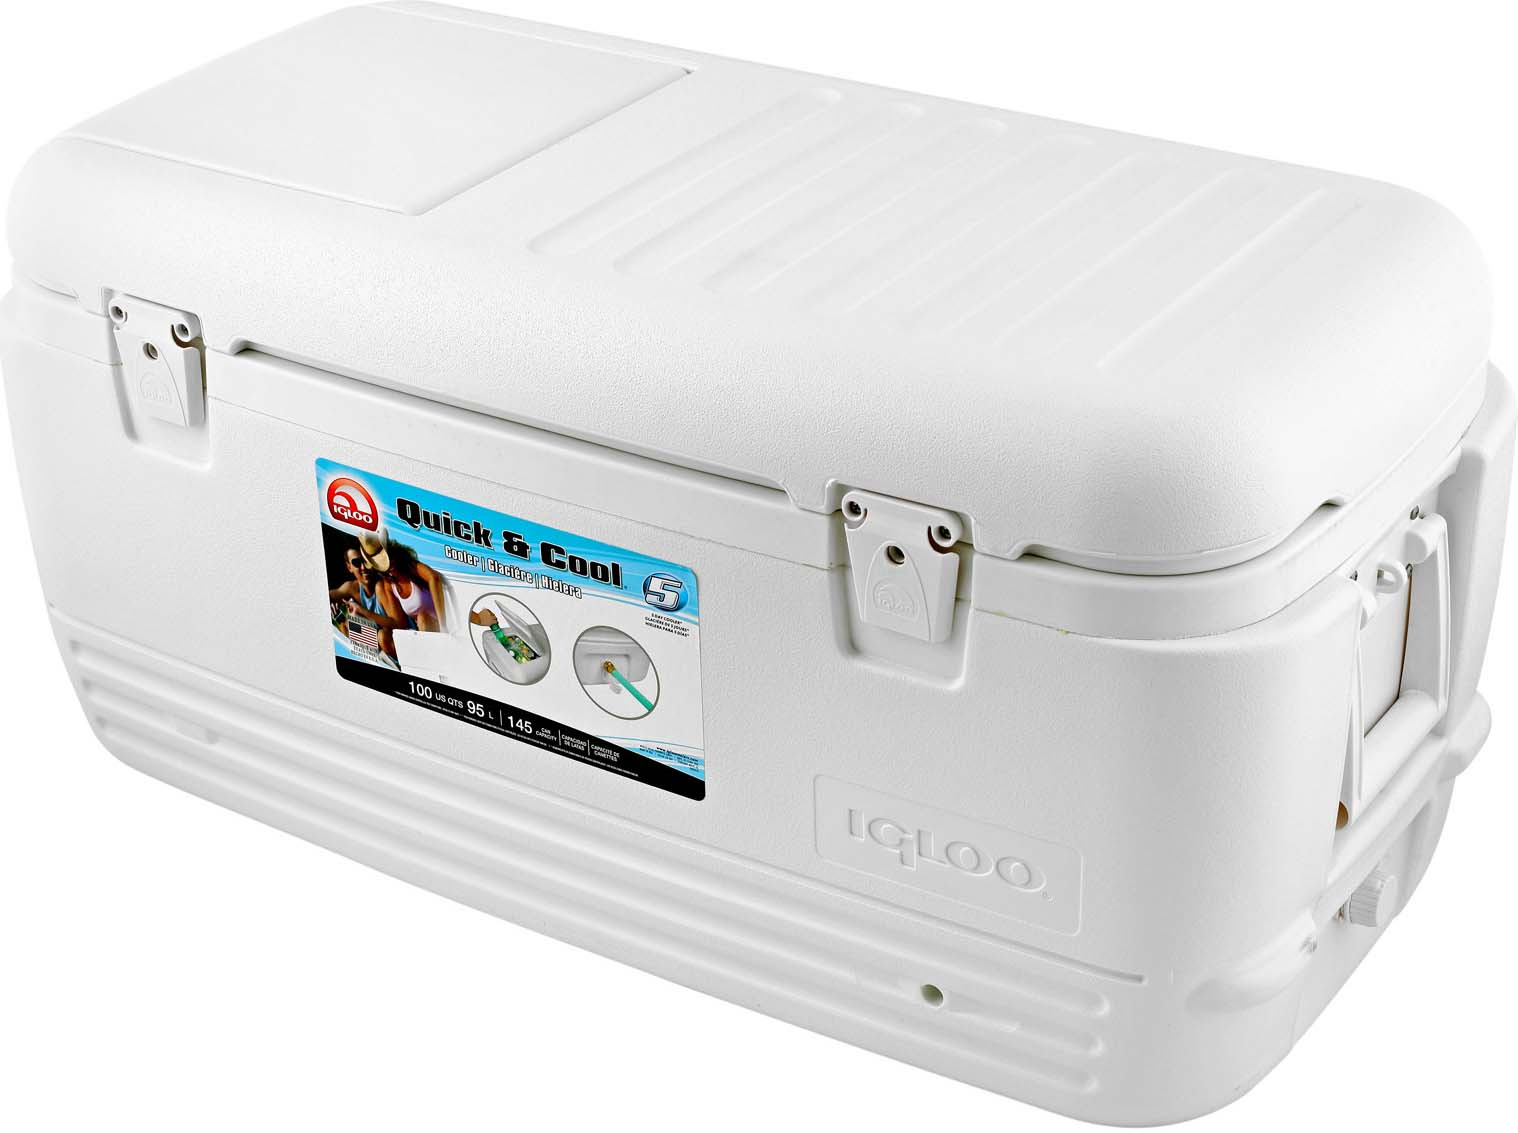 Контейнер изотермический пластиковый Igloo Quick&Cool 100, 11442, белый